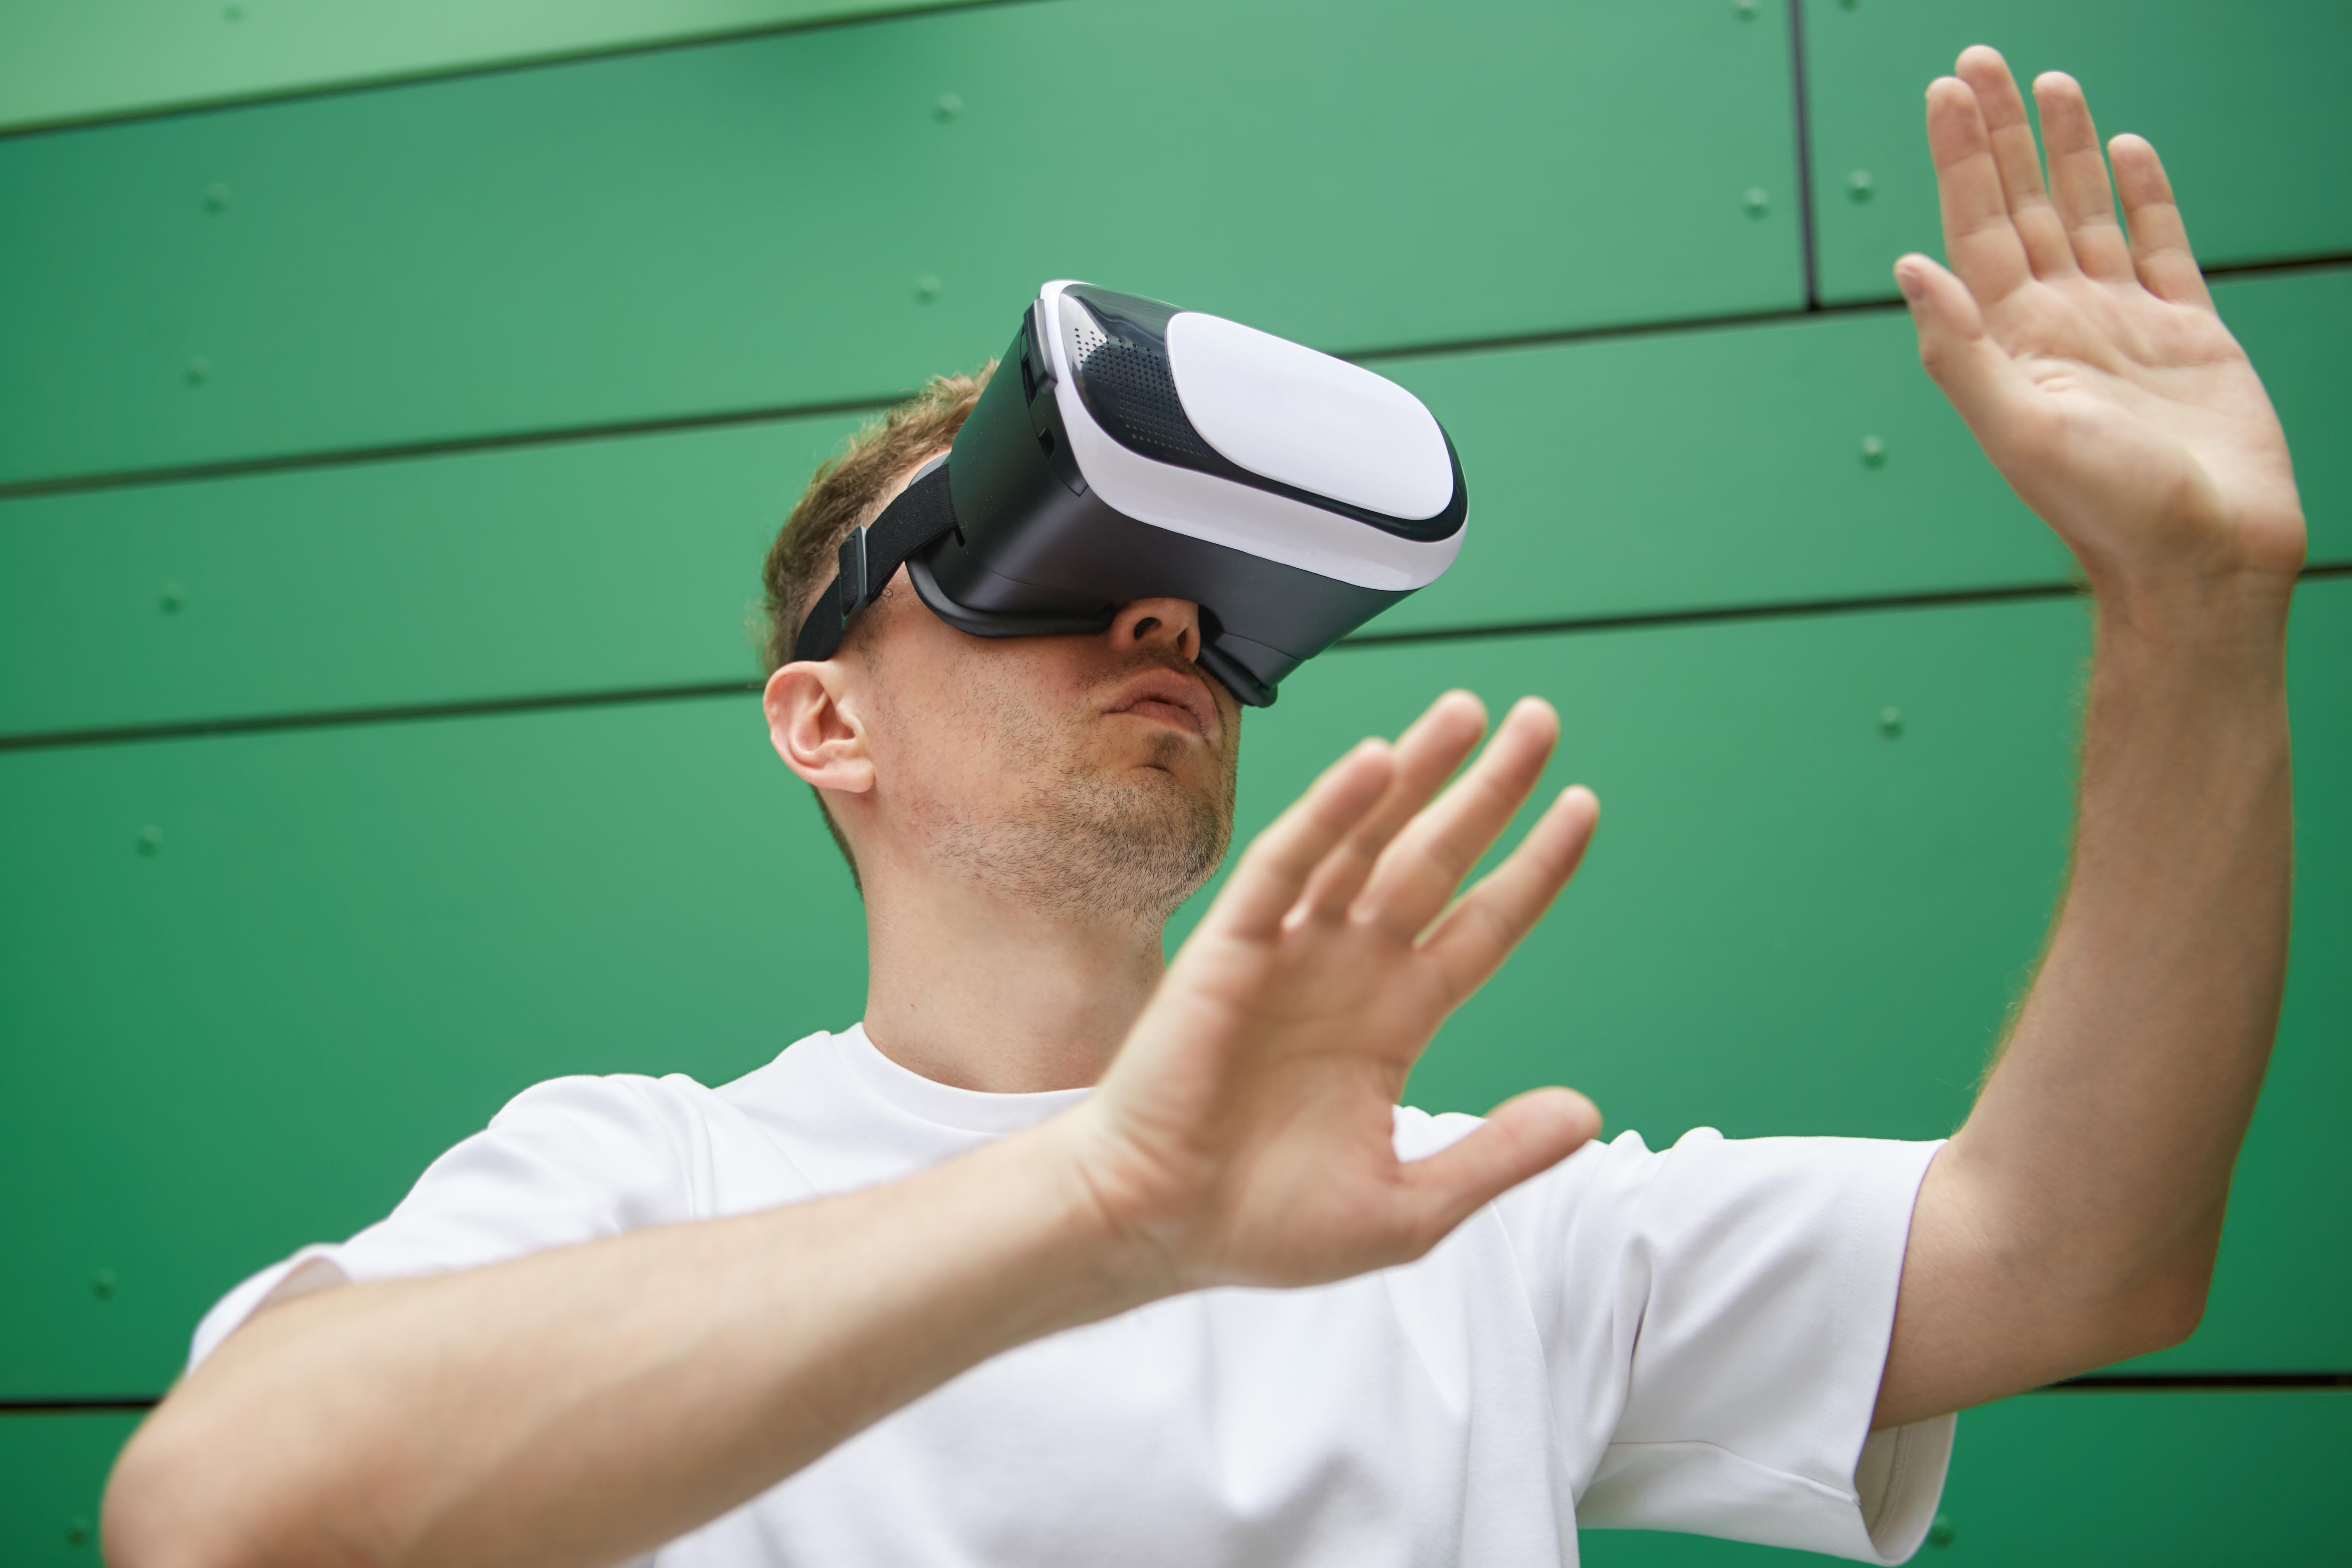 VR技術を使った「安全体感教育」って、今までの安全教育とどう違うの?